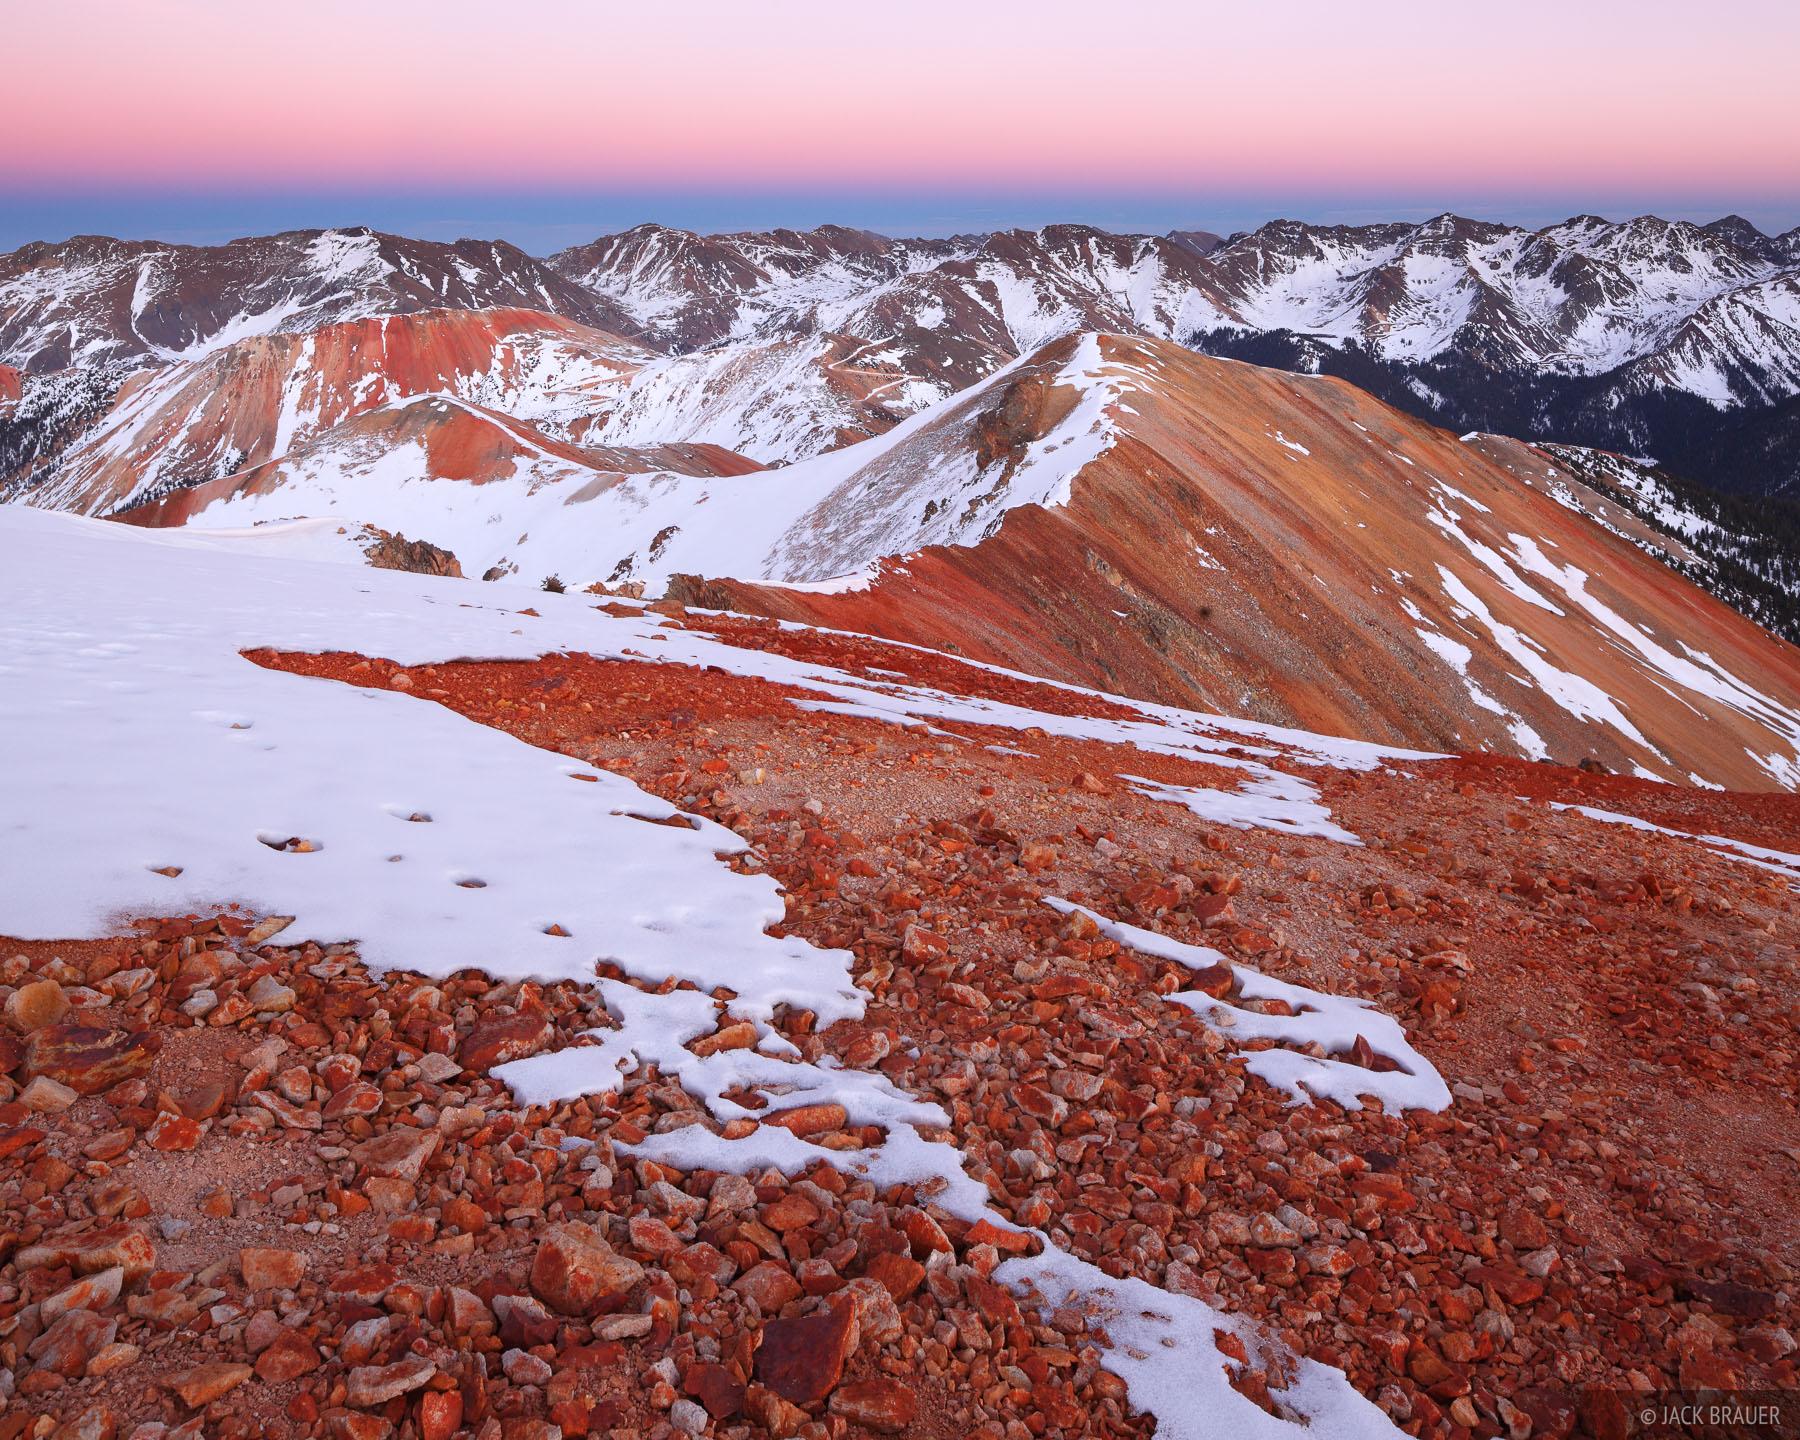 Red Mountain, San Juan Mountains, Colorado, photo